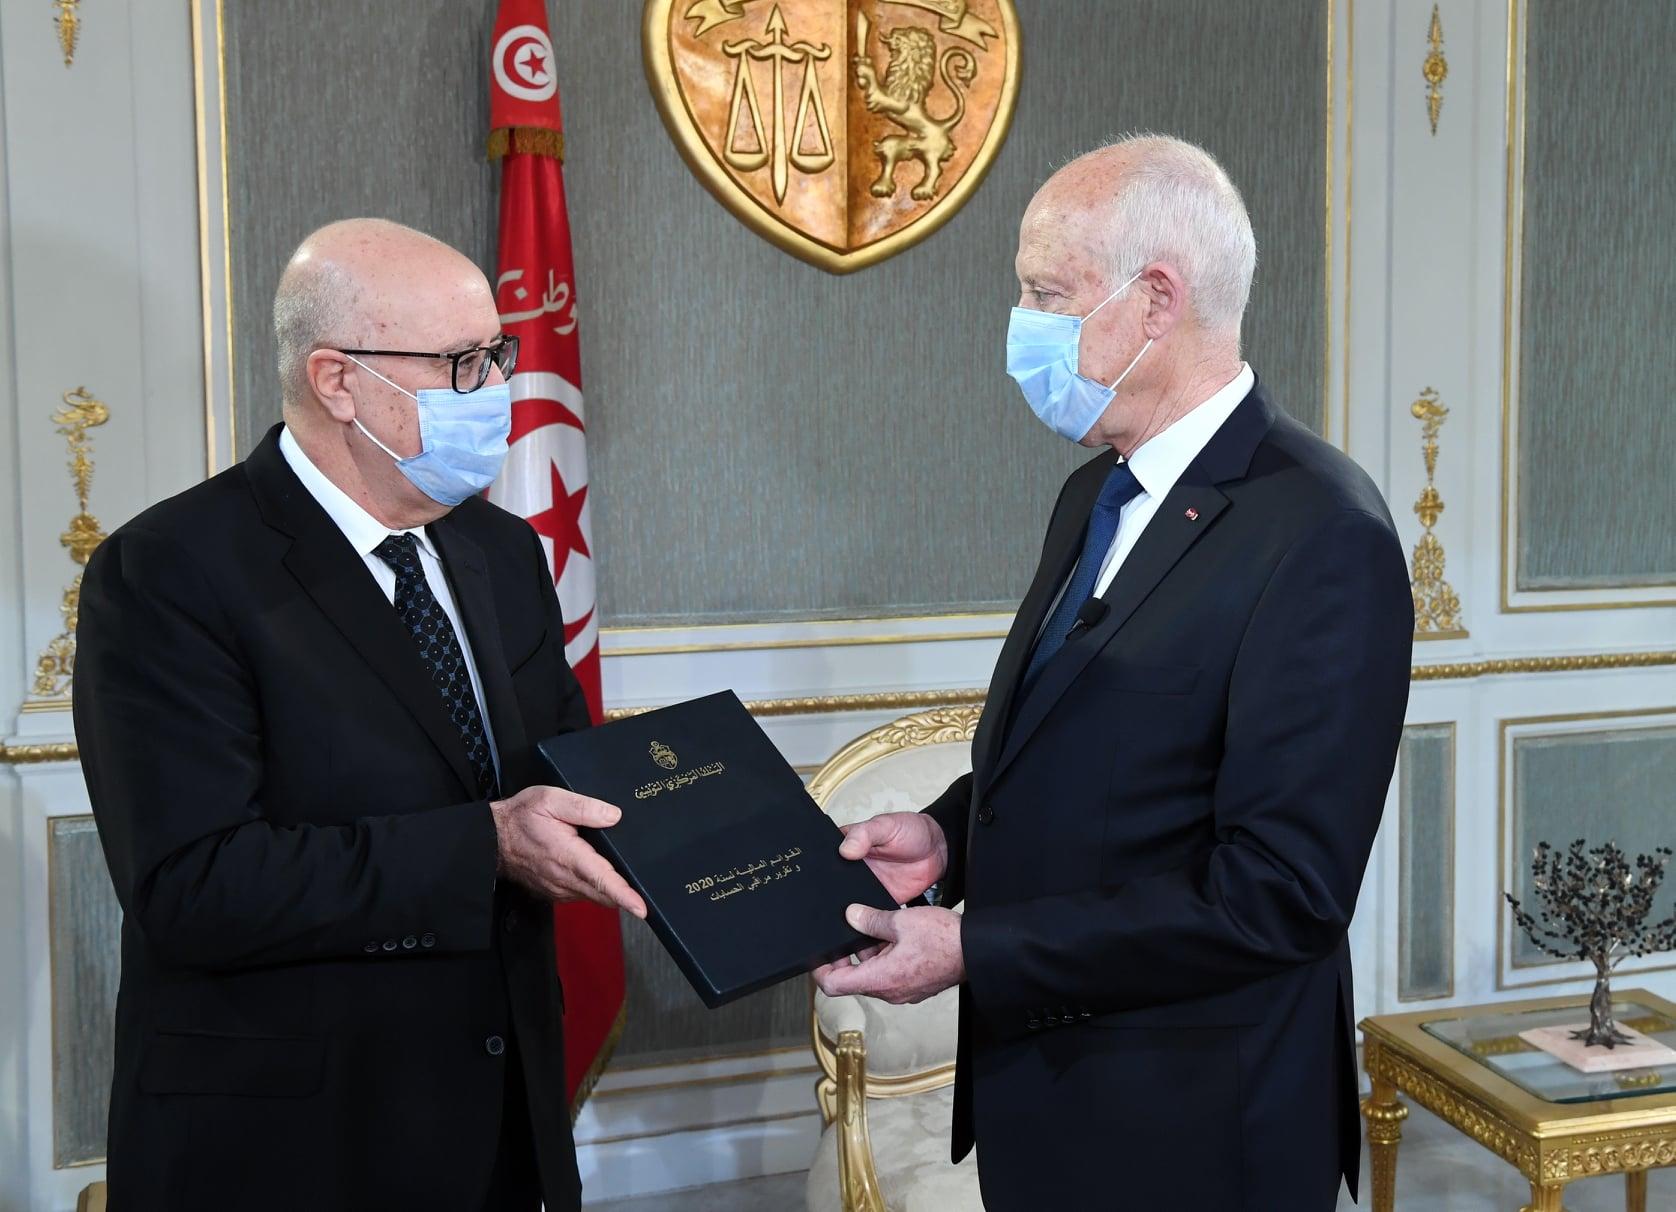 Tunisie: Le gouverneur de la BCT présente le rapport sur les états financiers de l'année 2020 à Kais Saied